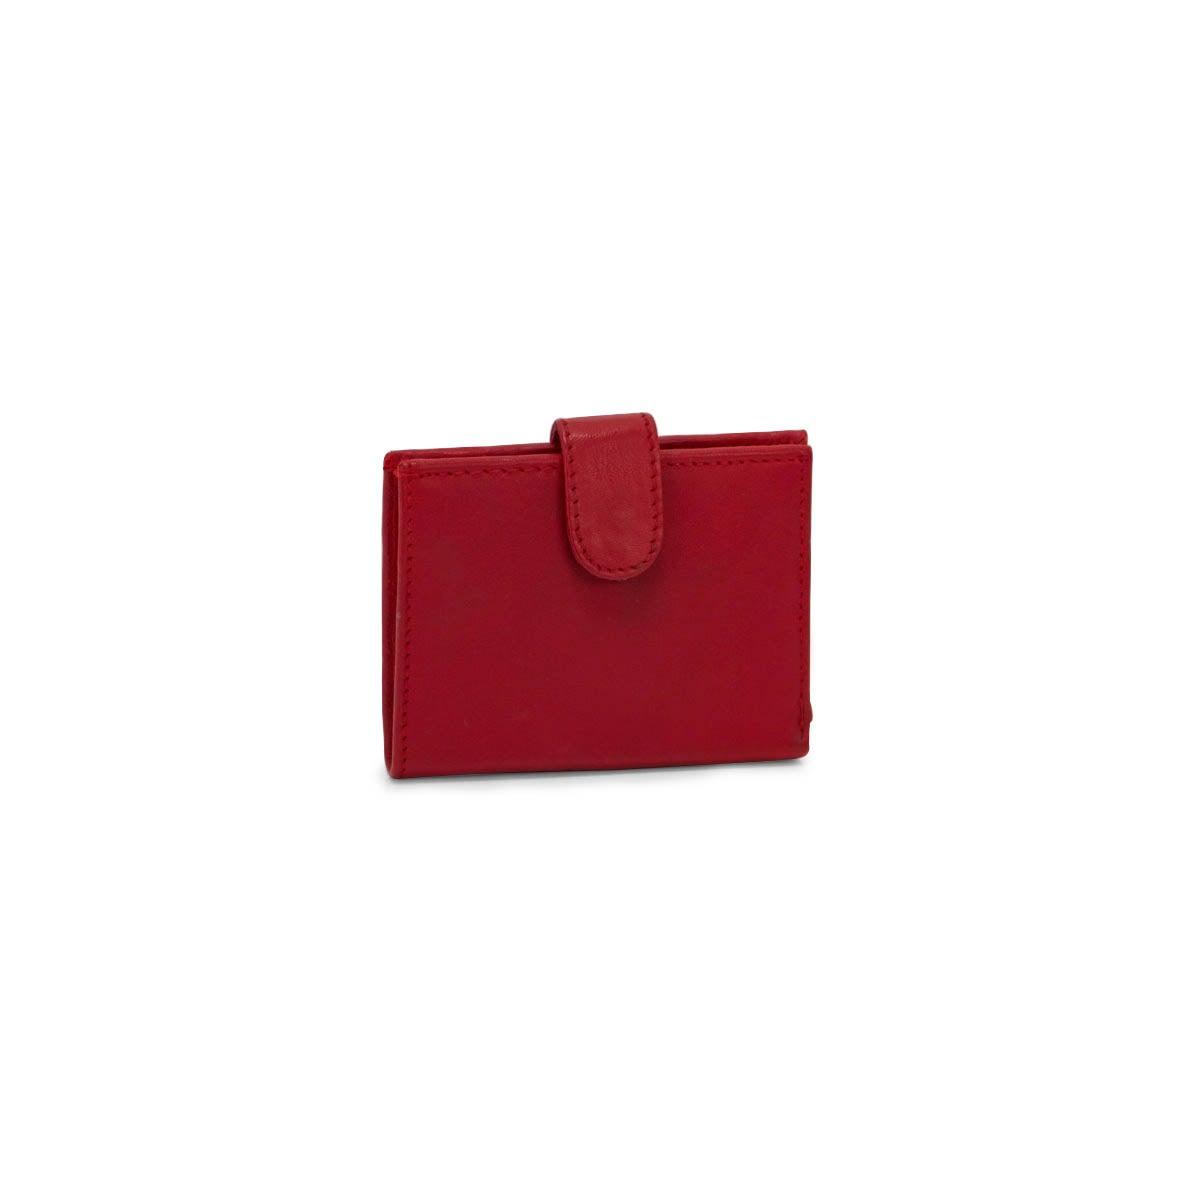 Mns red RFID cardholder wallet